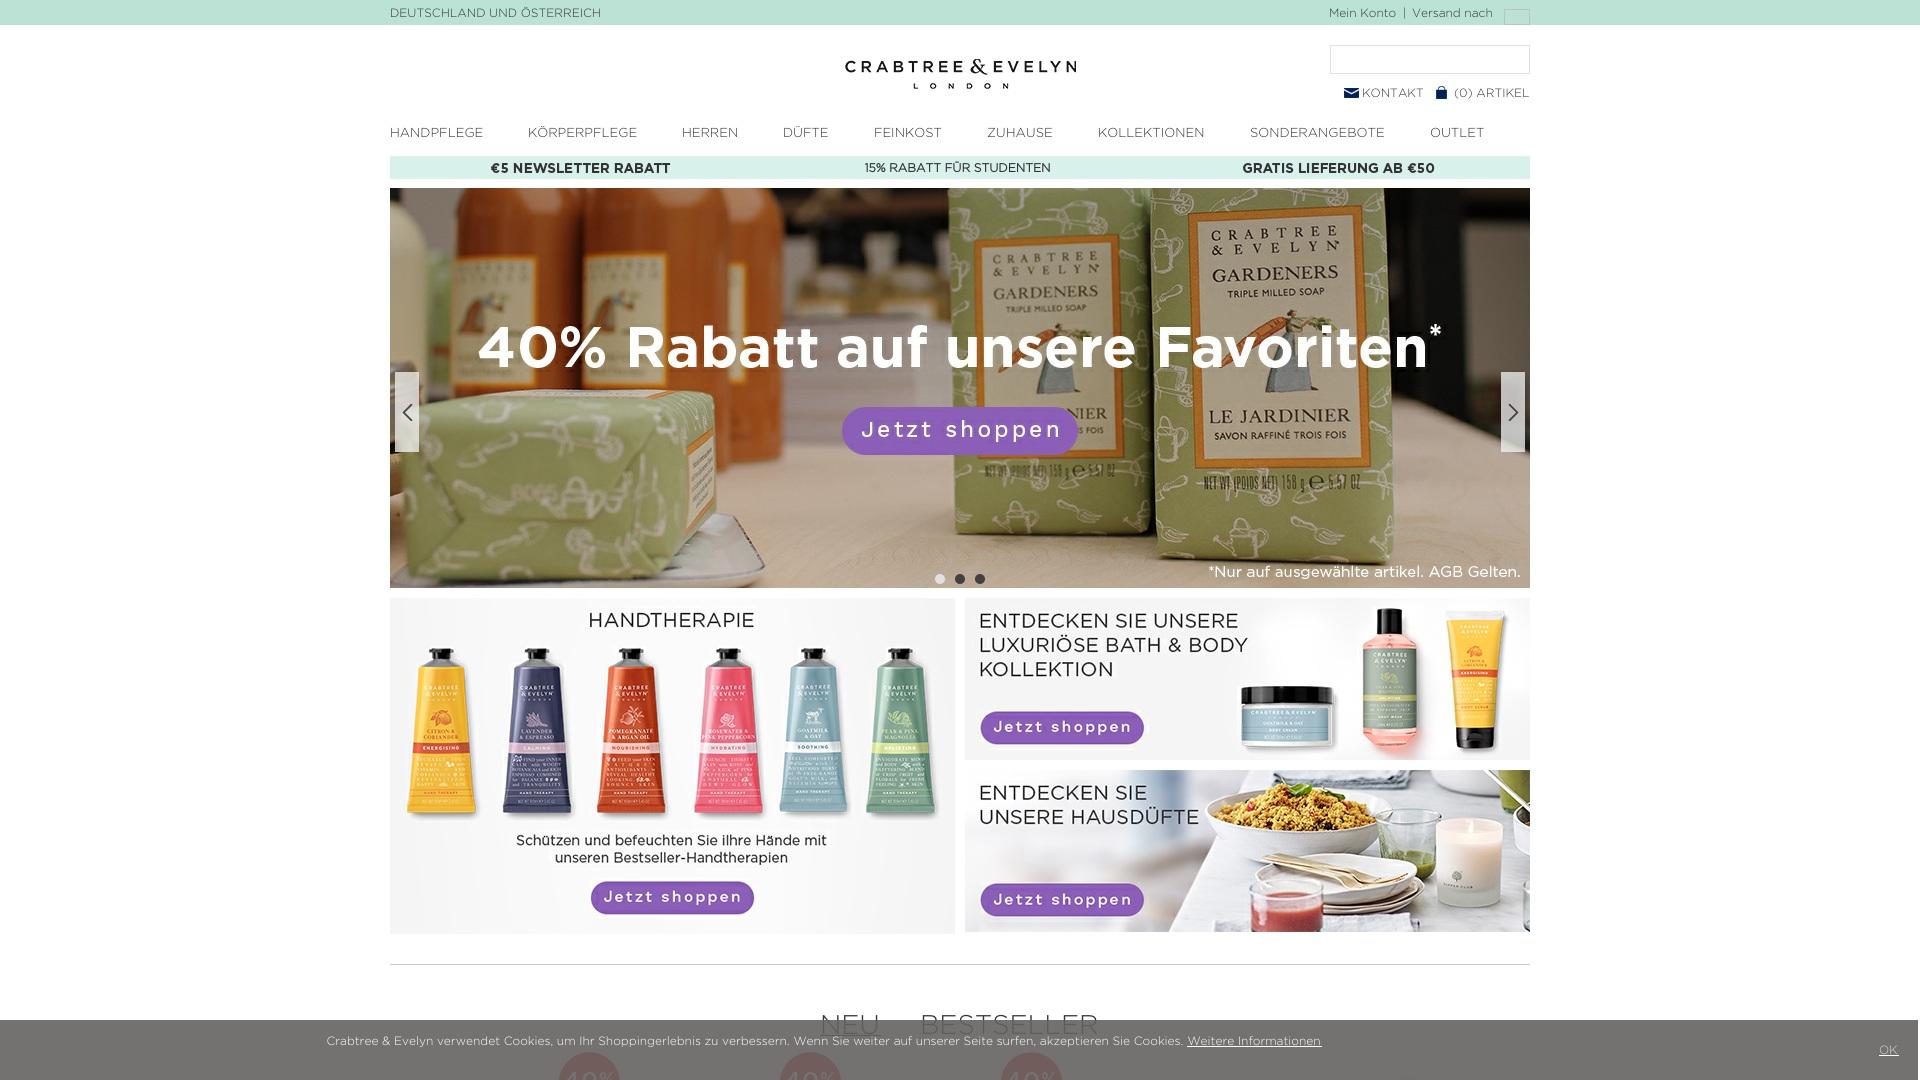 Gutschein für Crabtree-evelyn: Rabatte für  Crabtree-evelyn sichern